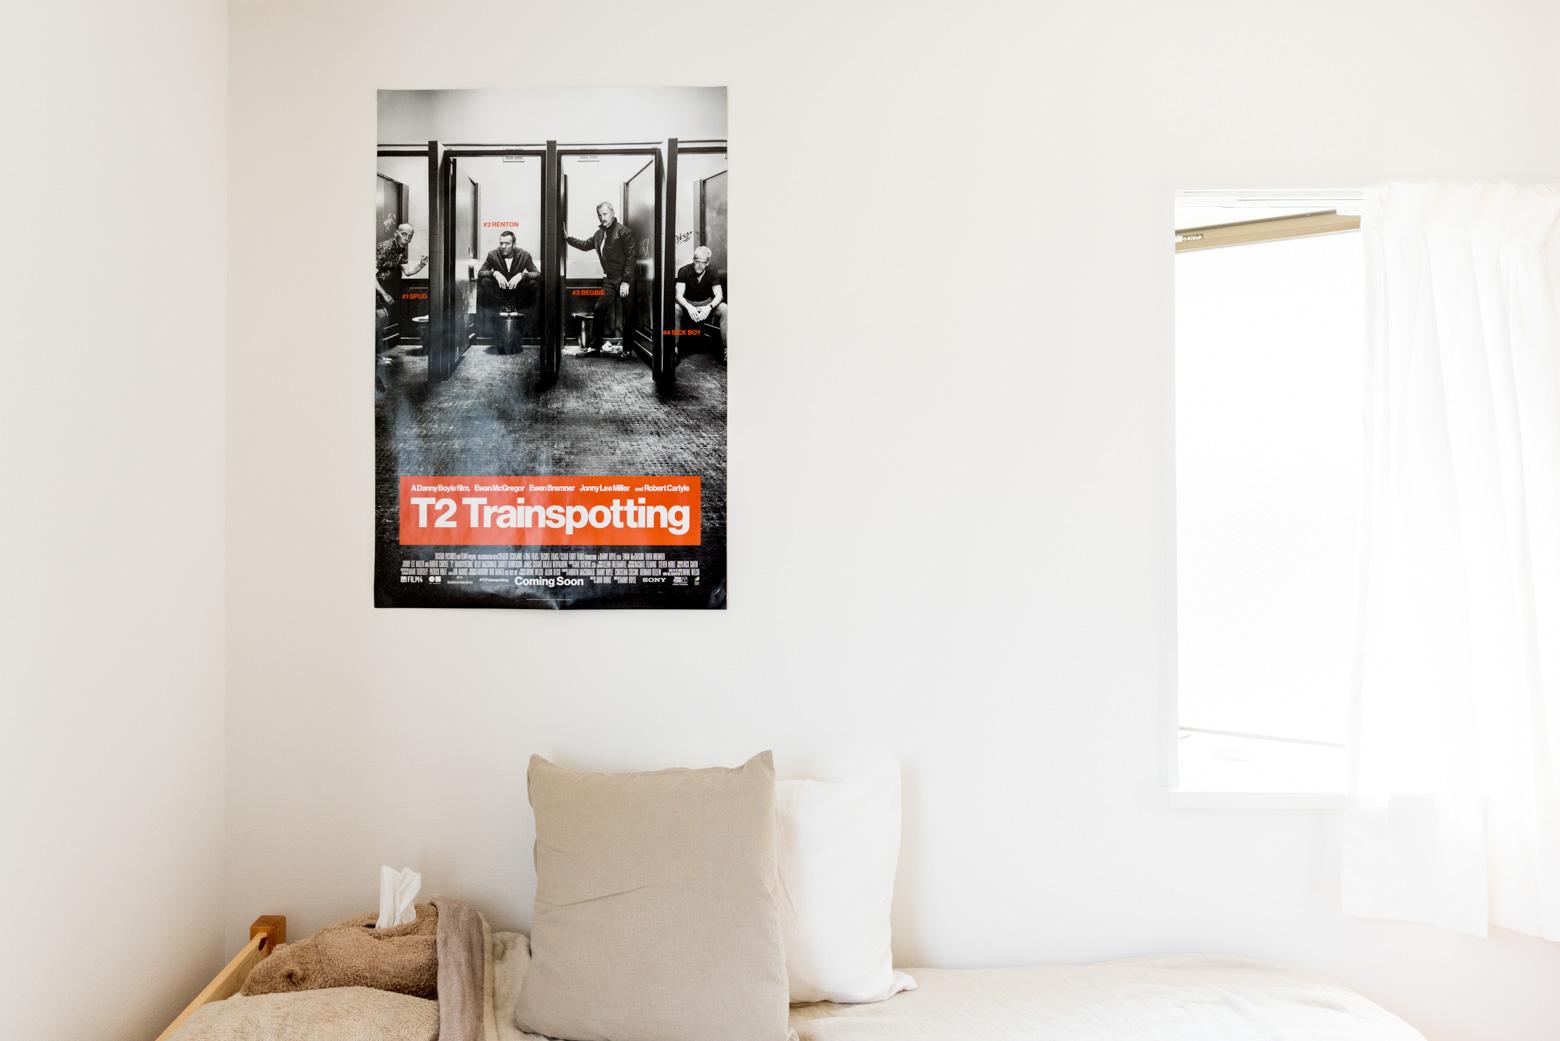 たとえばさきほどふれたポスター。そう、映画「T2 Trainspotting」のもの。「大好きなんです!」とのこと。ぼくは観たいと思いつつまだ。90年代カルチャーの金字塔と呼ぶべき96年の1作目がぼくは大好きだったんだけど、大学生だった当時のあれこれ思い出していたたまれなくなるのが分かってるので躊躇してしまう。そうかー、好きなのかー。わかるよー。